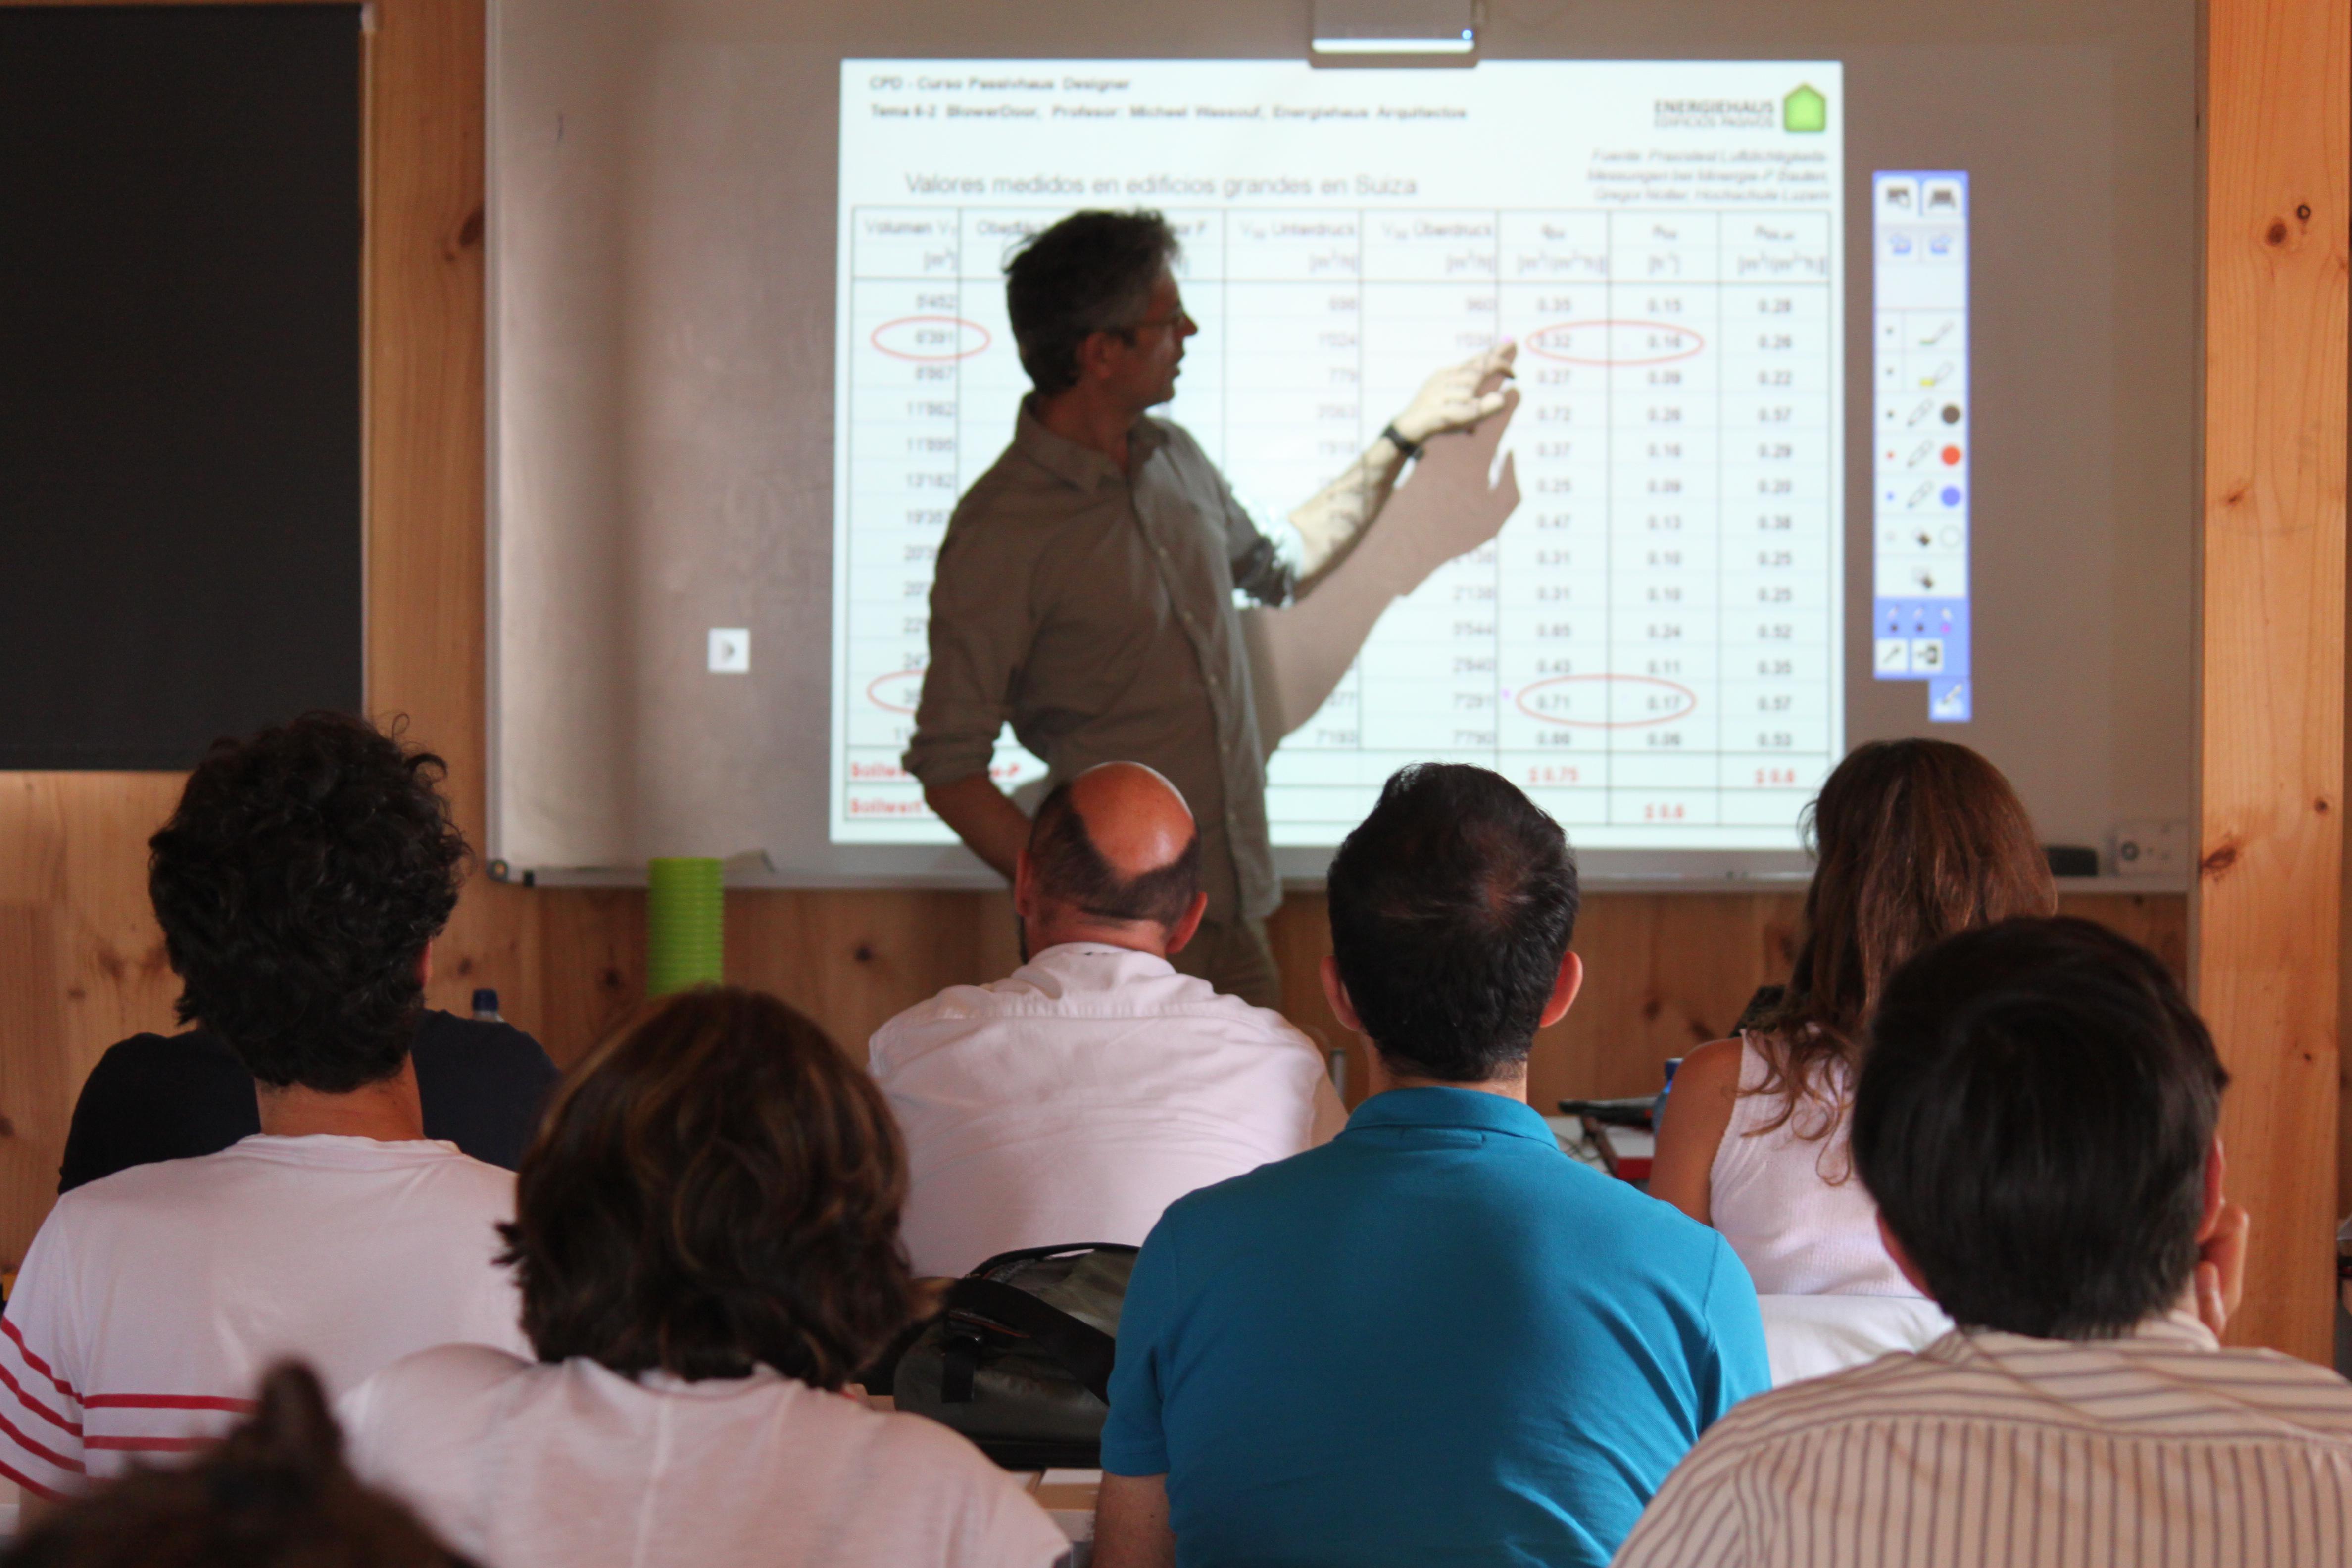 imagen 2 de noticia: arranca-el-primer-curso-passivhaus-designer-de-gipuzkoa-organizado-por-energiehaus-con-la-colaboracin-de-kursaal-green